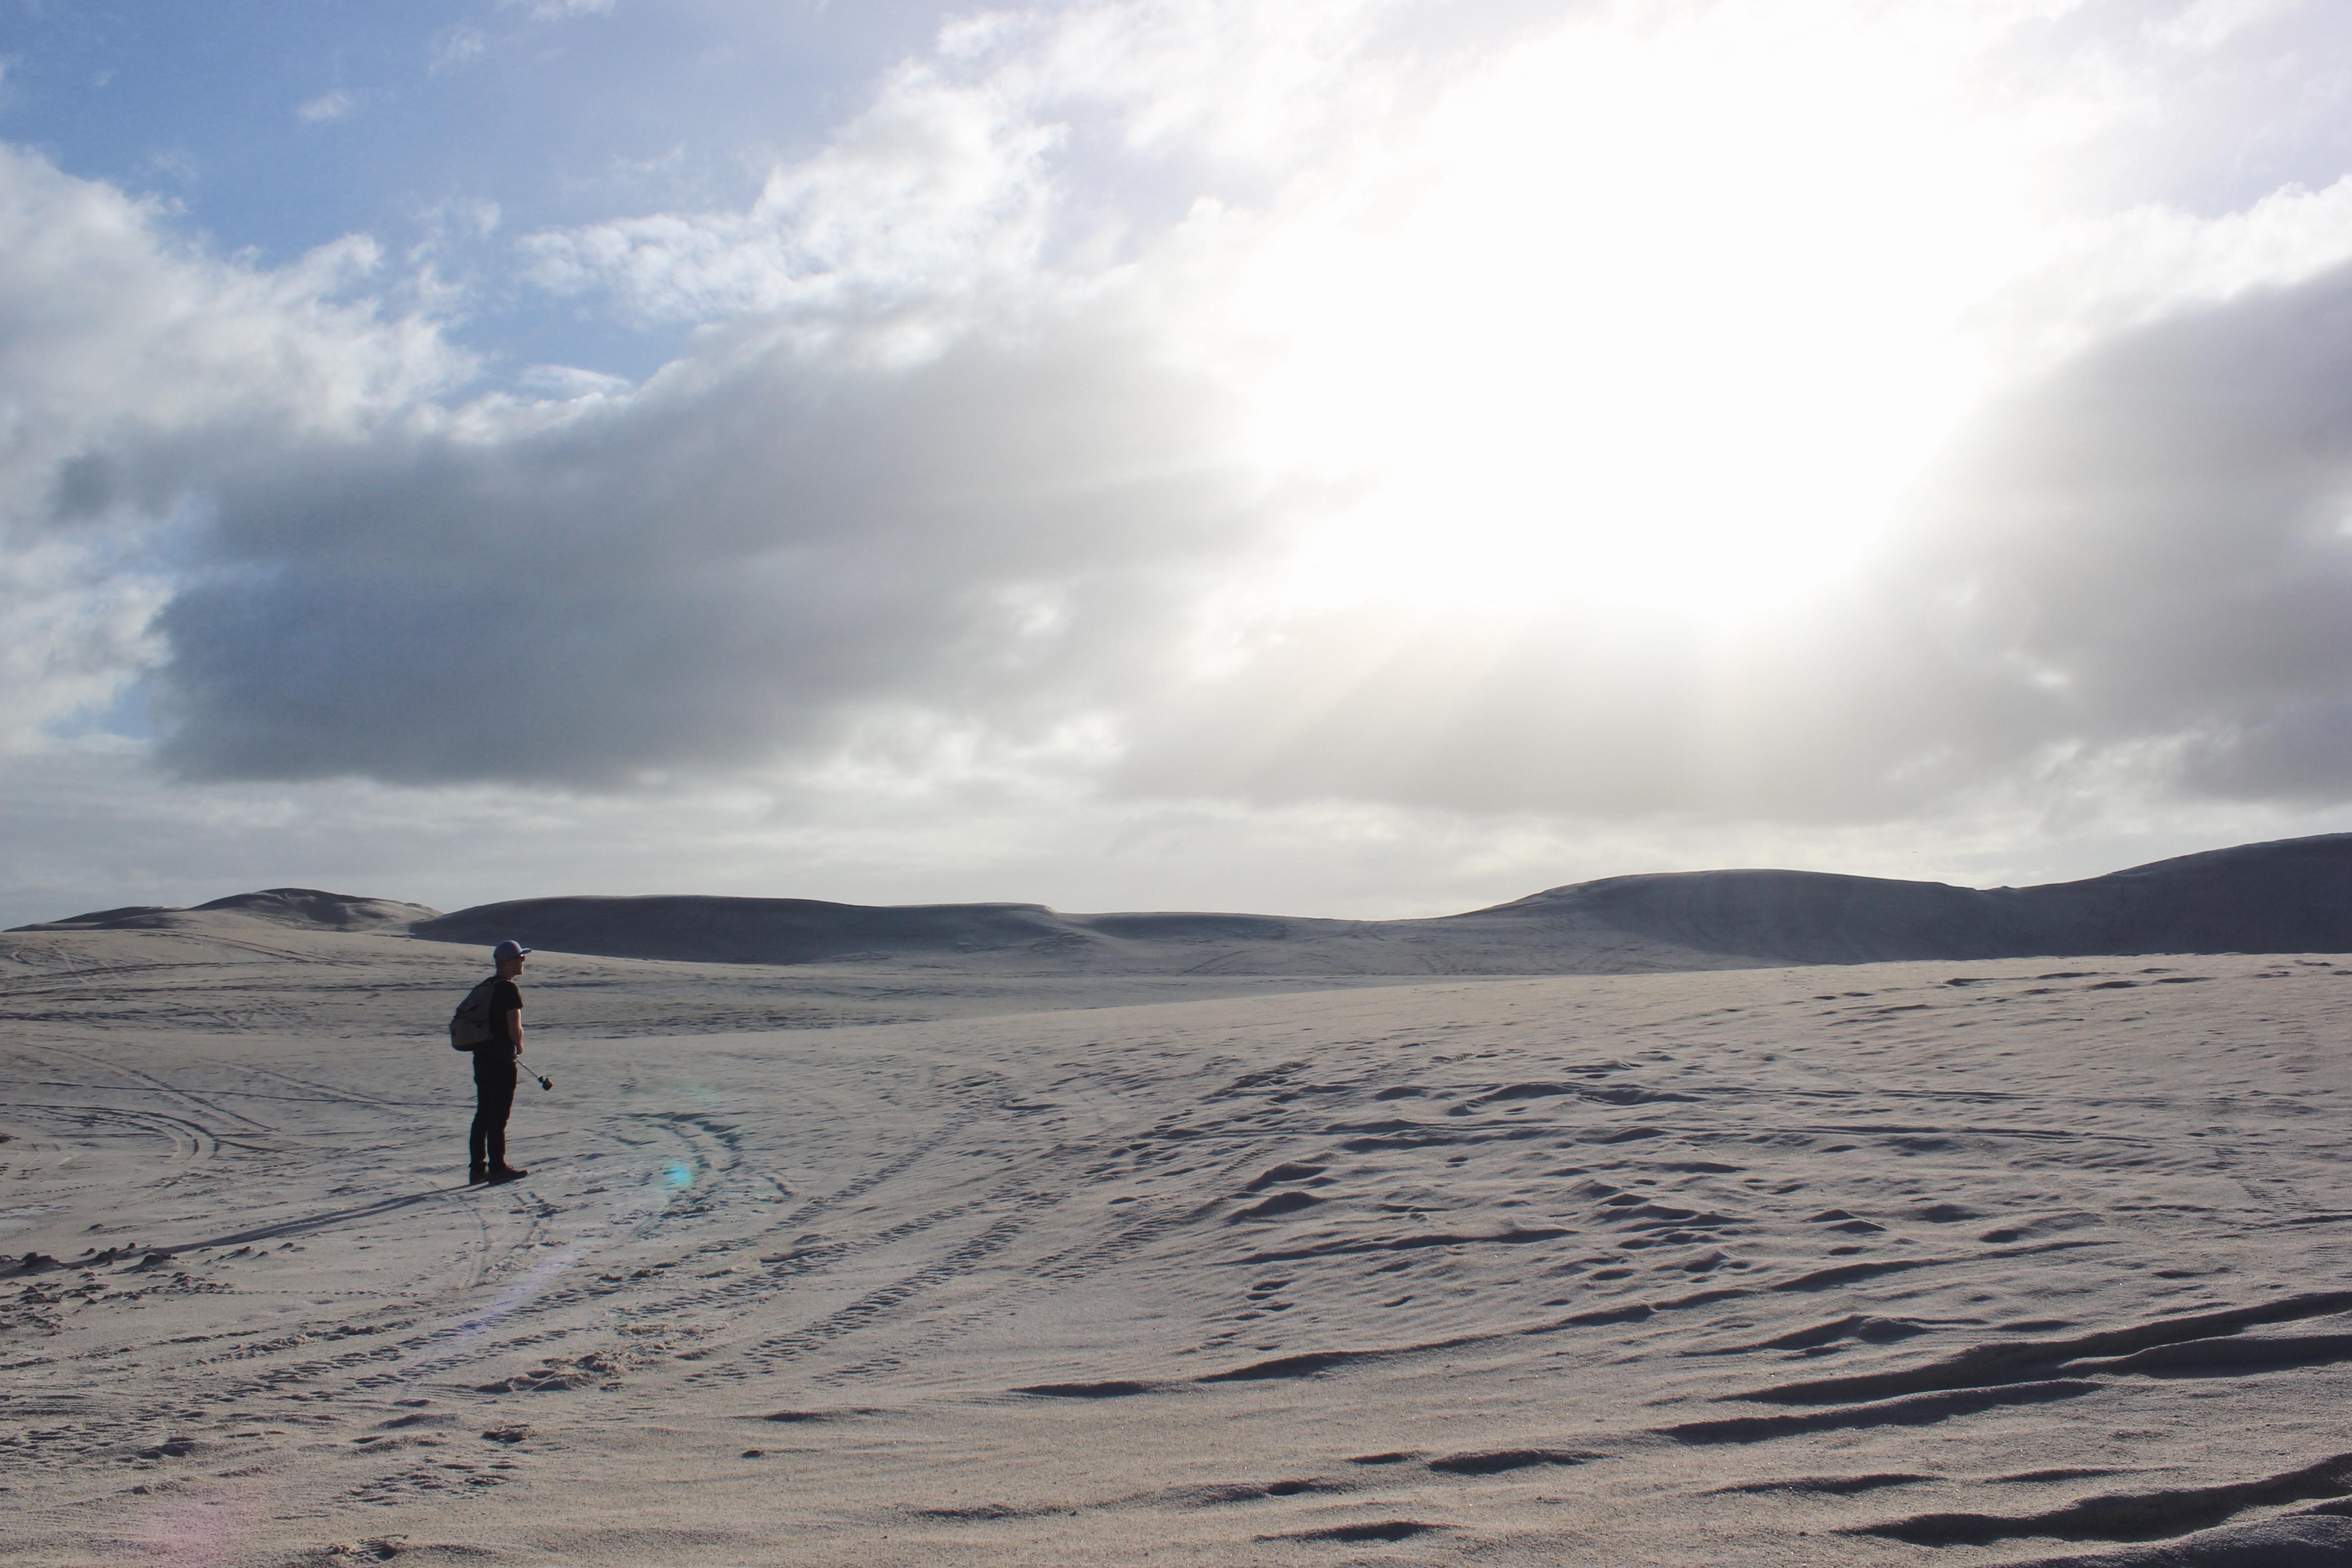 Voyages-et-compagnie.com - Blog voyage | Lancelin Desert